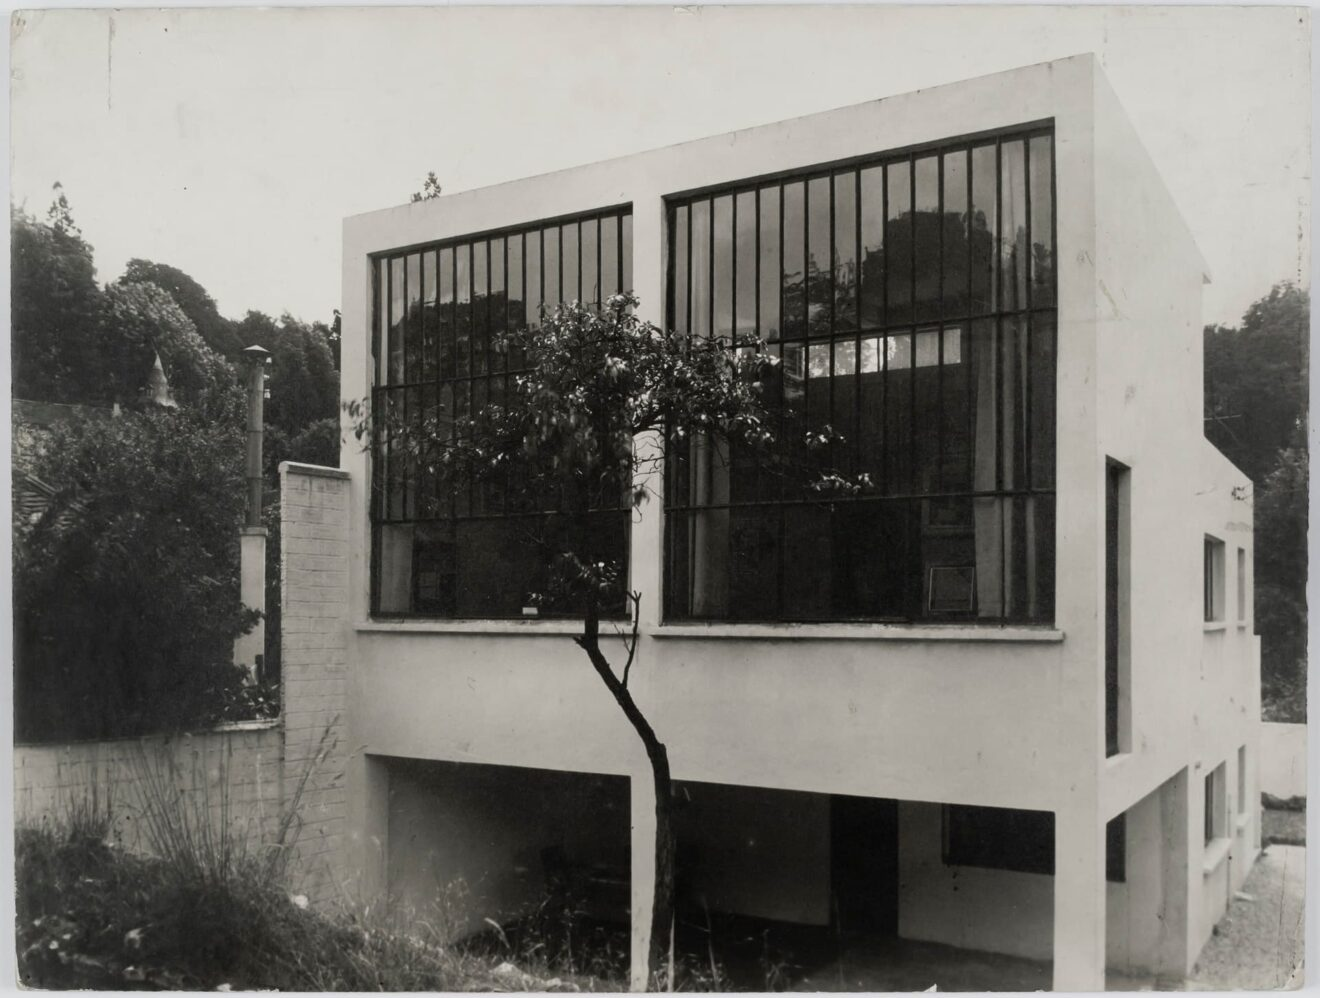 Theo van Doesburg. Atelierwoning te Meudon-Val-Fleury voor eigen gebruik, 1927-1930. Foto van de atelierwoning gezien vanuit de tuin. Collectie Het Nieuwe Instituut, DOES AB5388. Gift Van Moorsel.